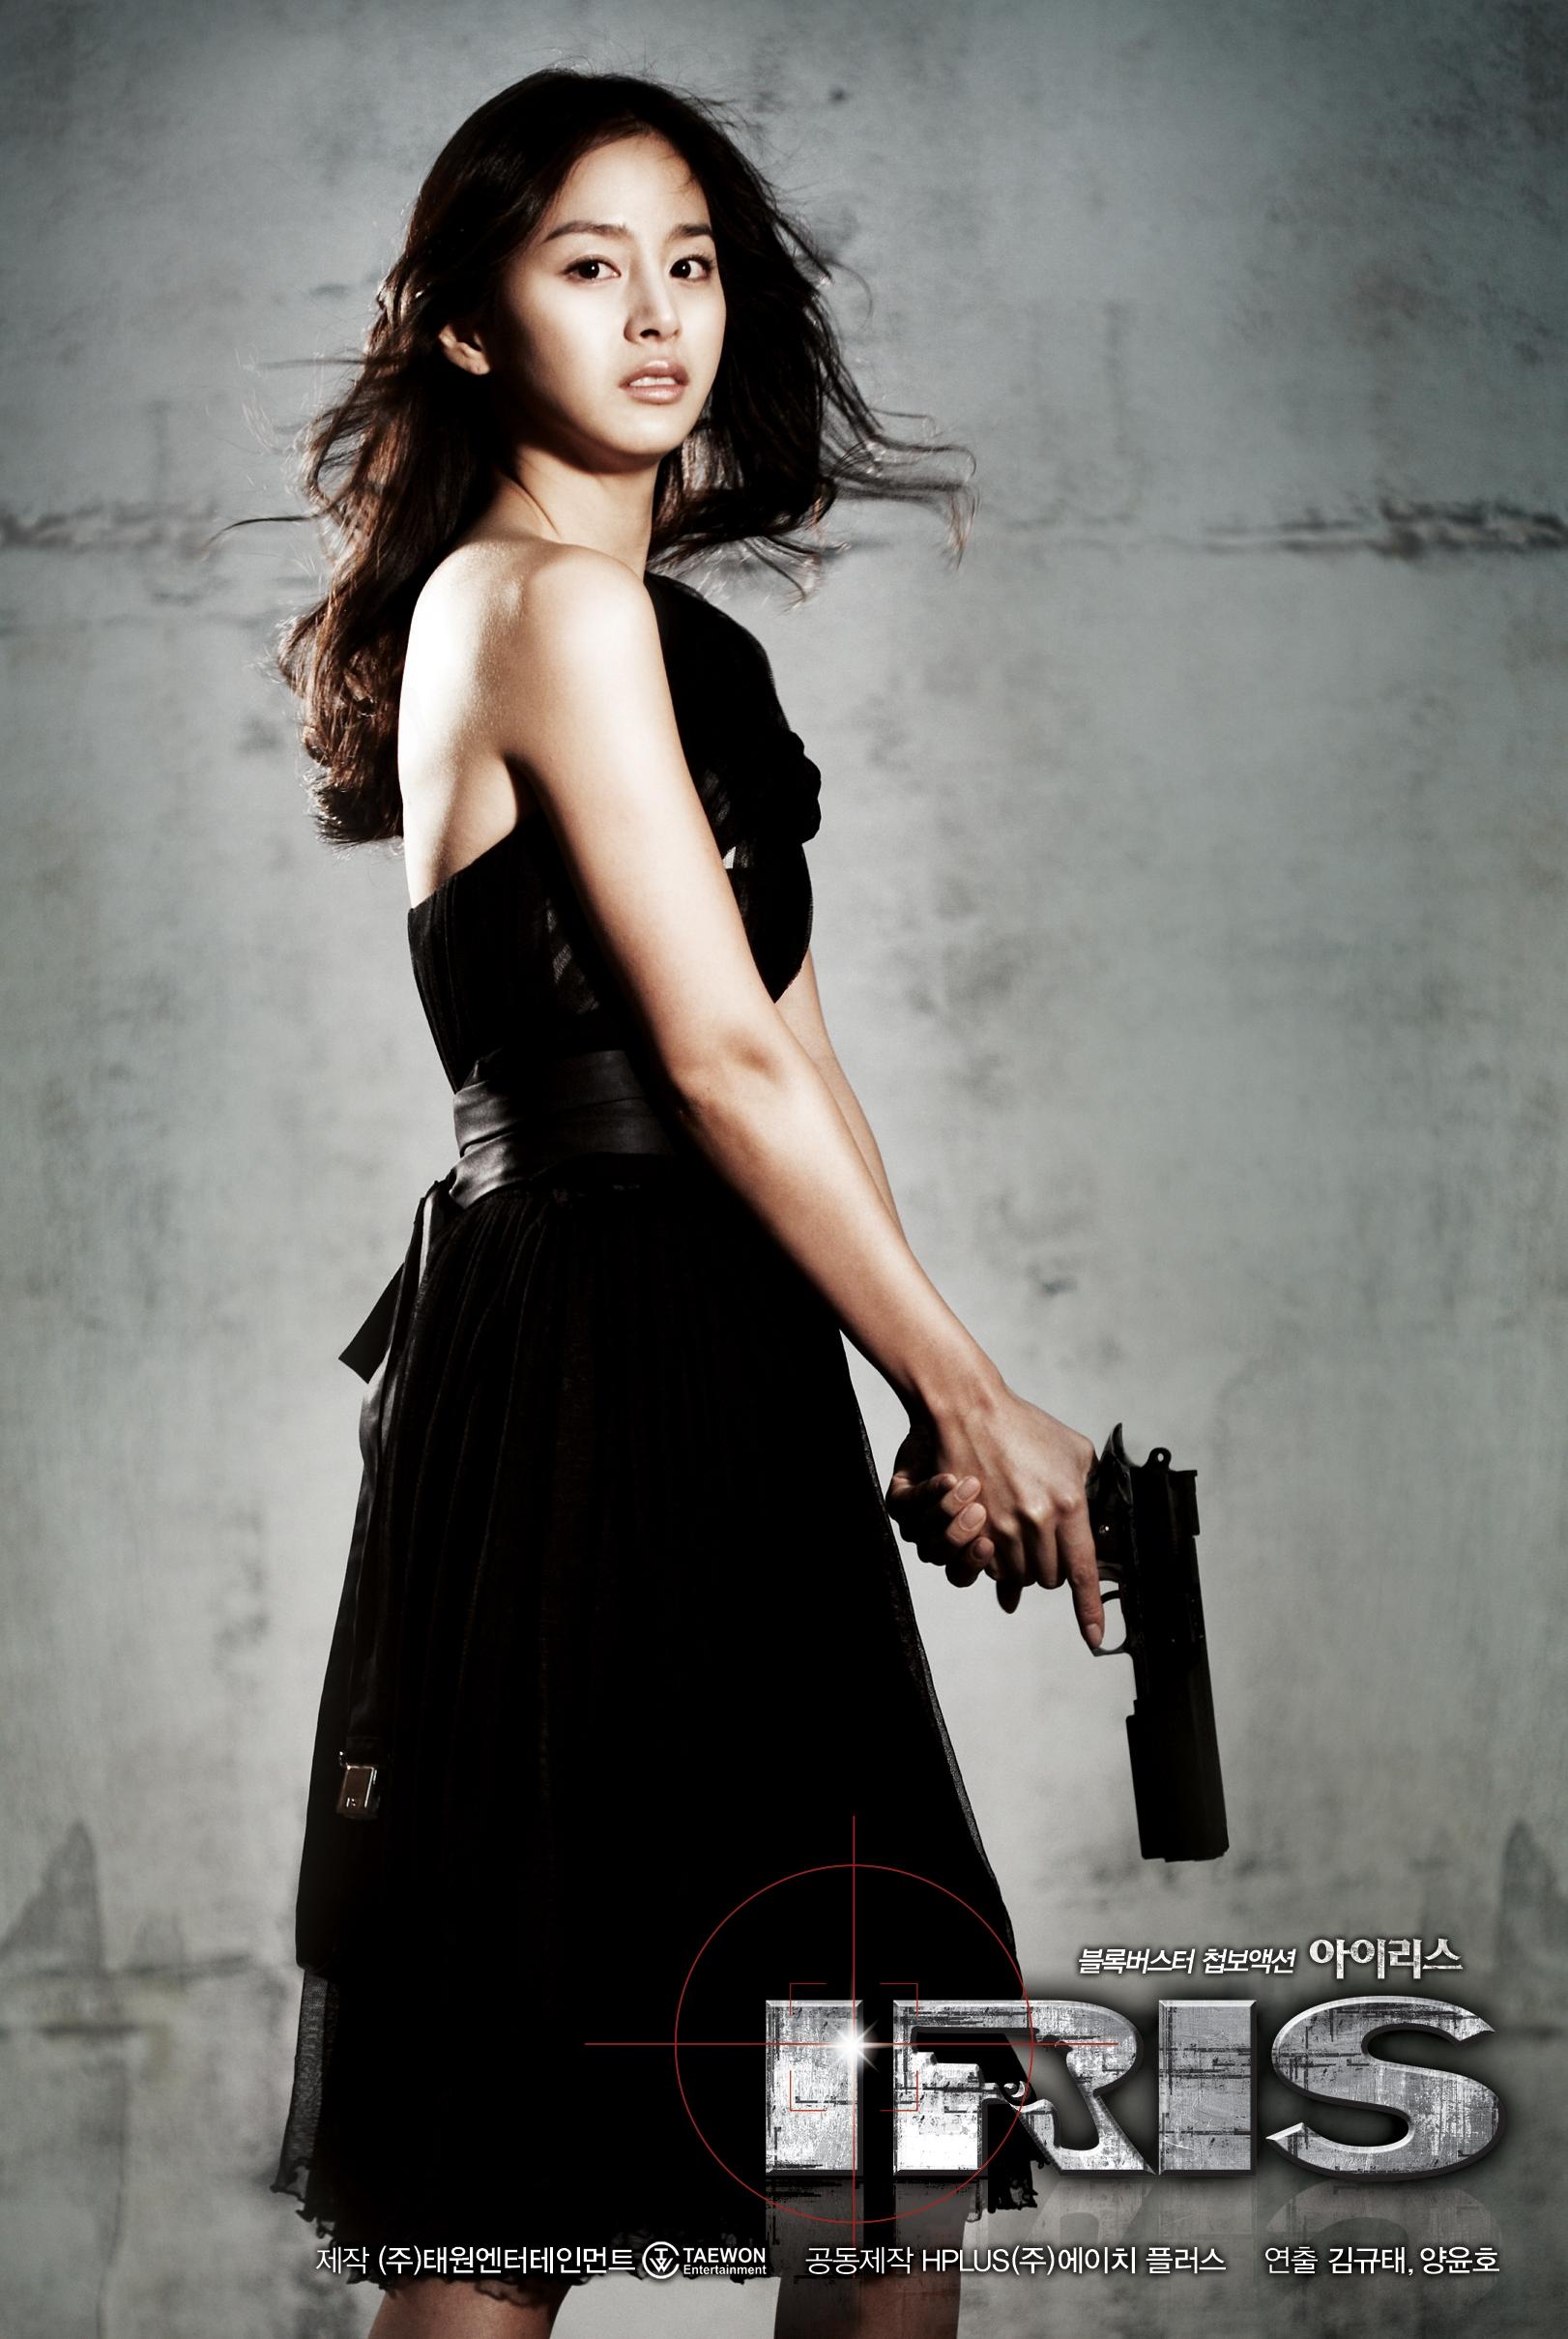 [韓劇] 아이리스 (特務情人IRIS) (2009) 7C6D_4B2CB06C